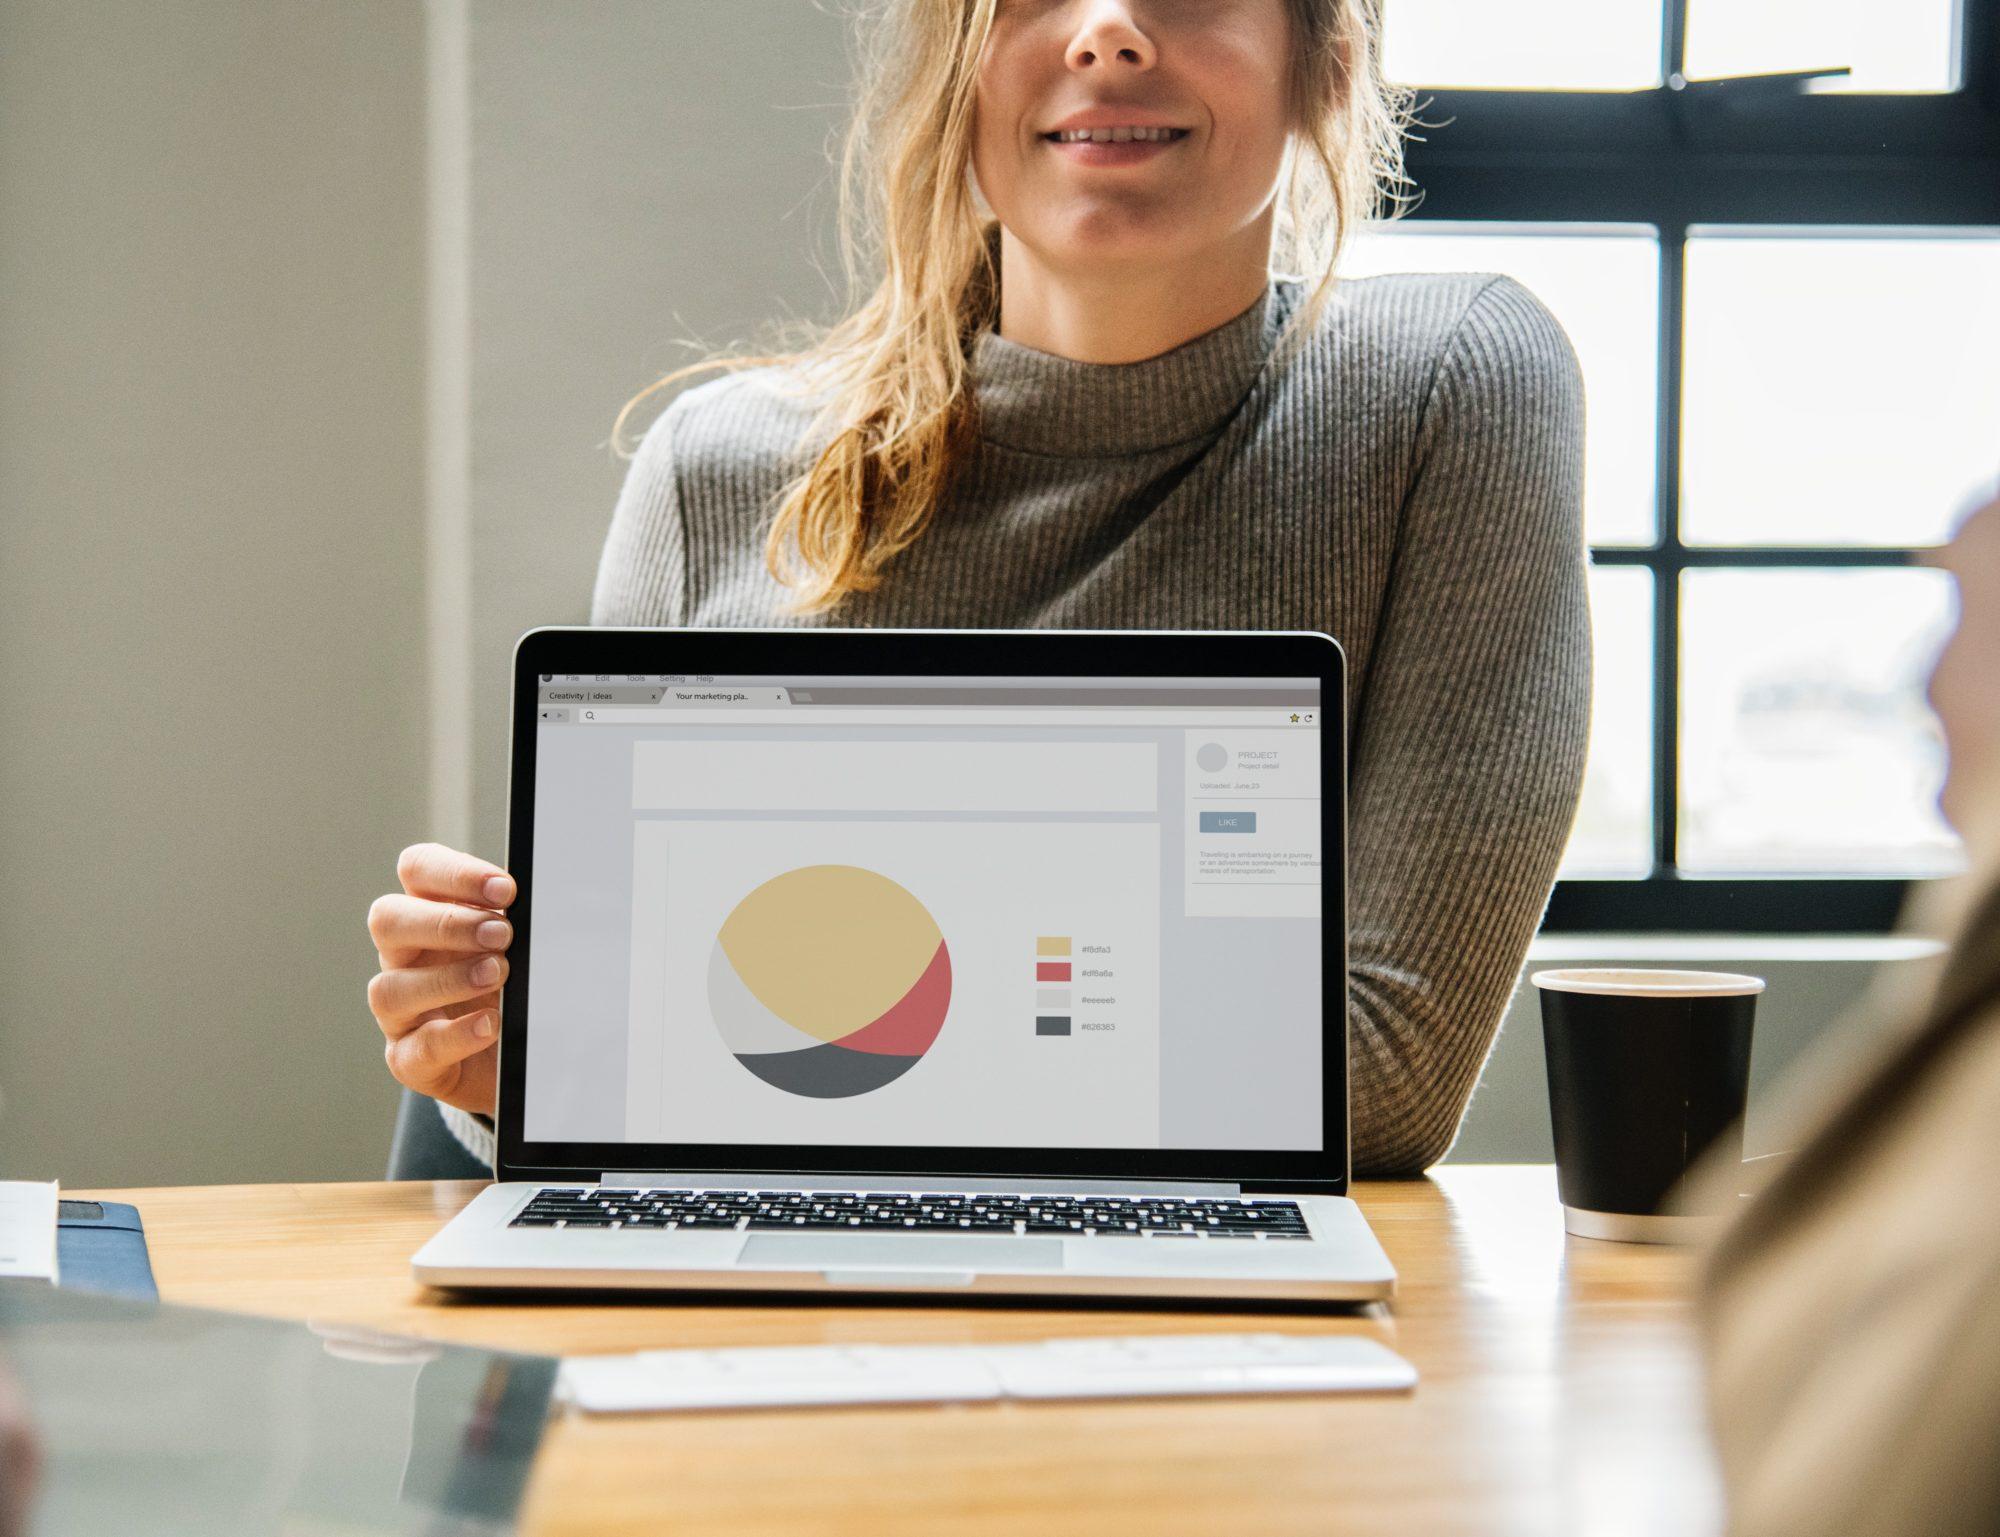 Työhönvalmennus kokemuksia ja tilastoja